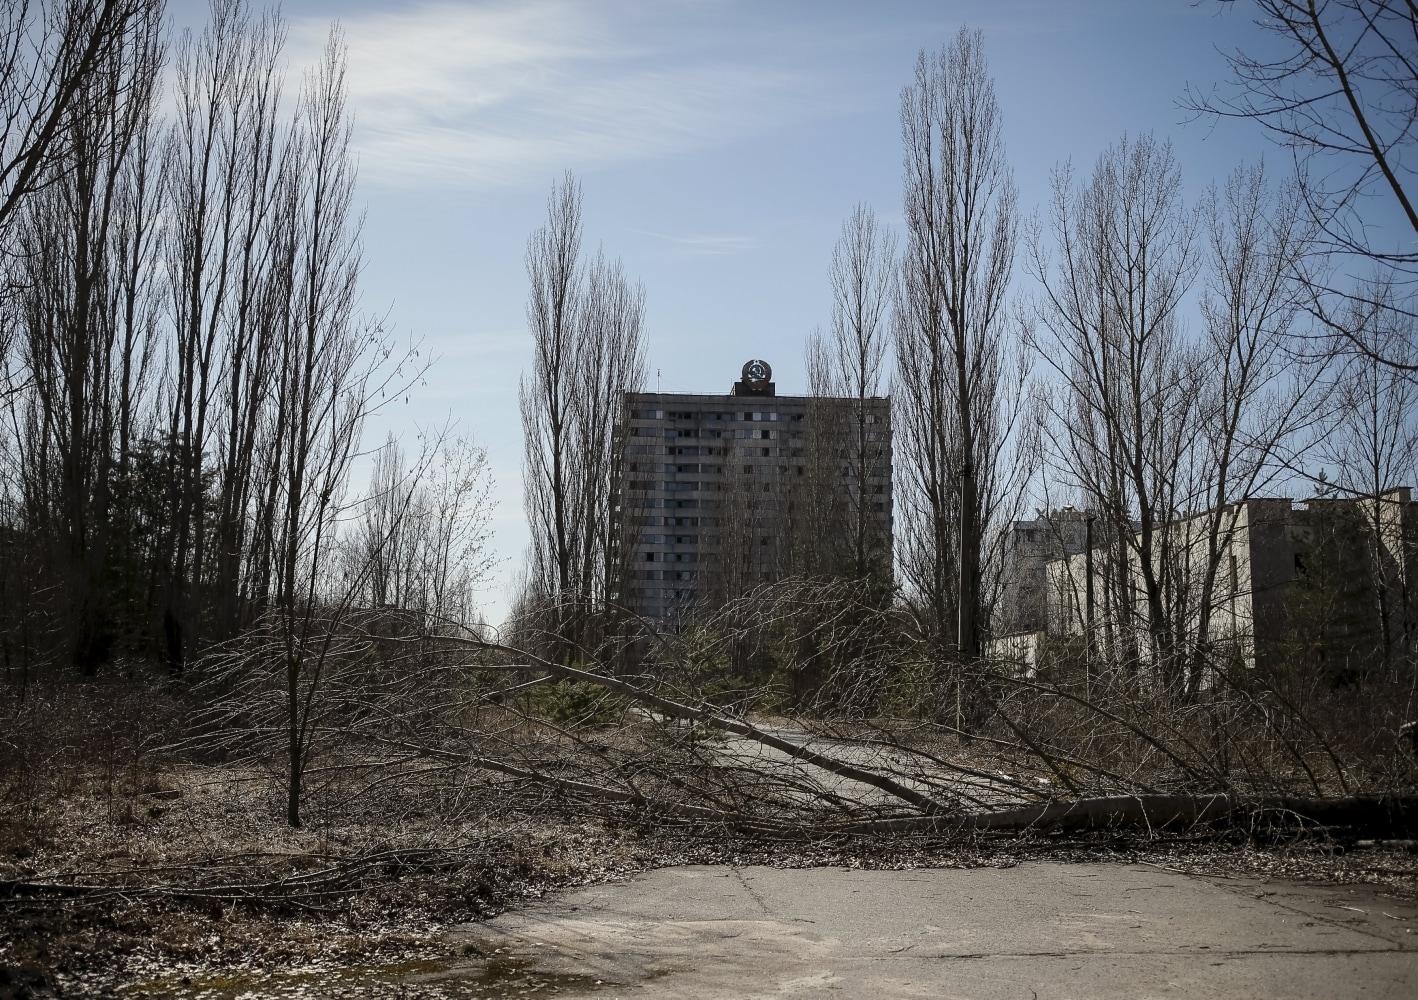 chernobyl - photo #30